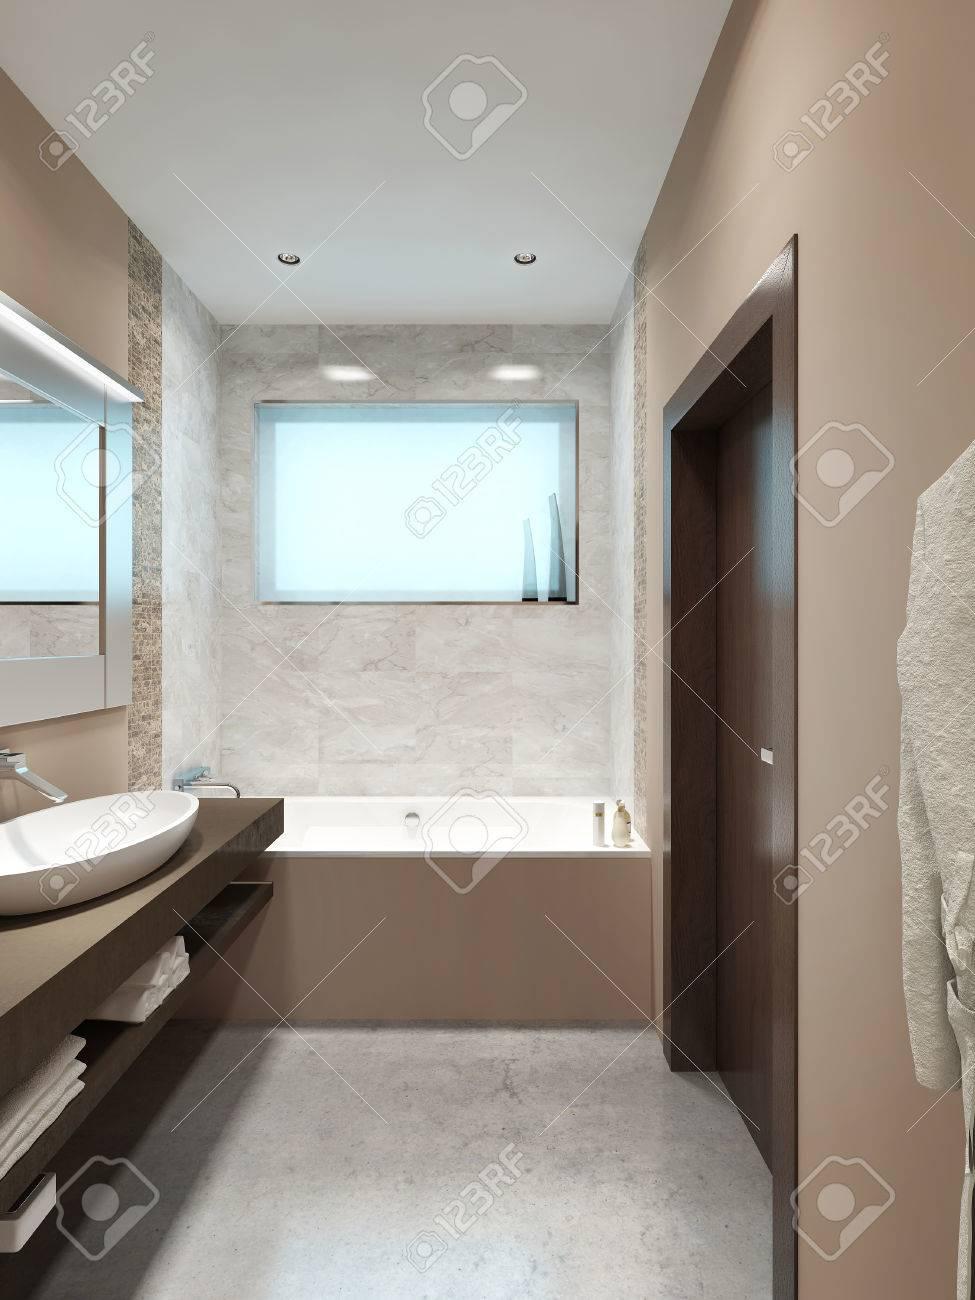 Modernes Design Badezimmer Mit Einem Kleinen Fenster In Den Orange, Gelb  Und Braun Farben.